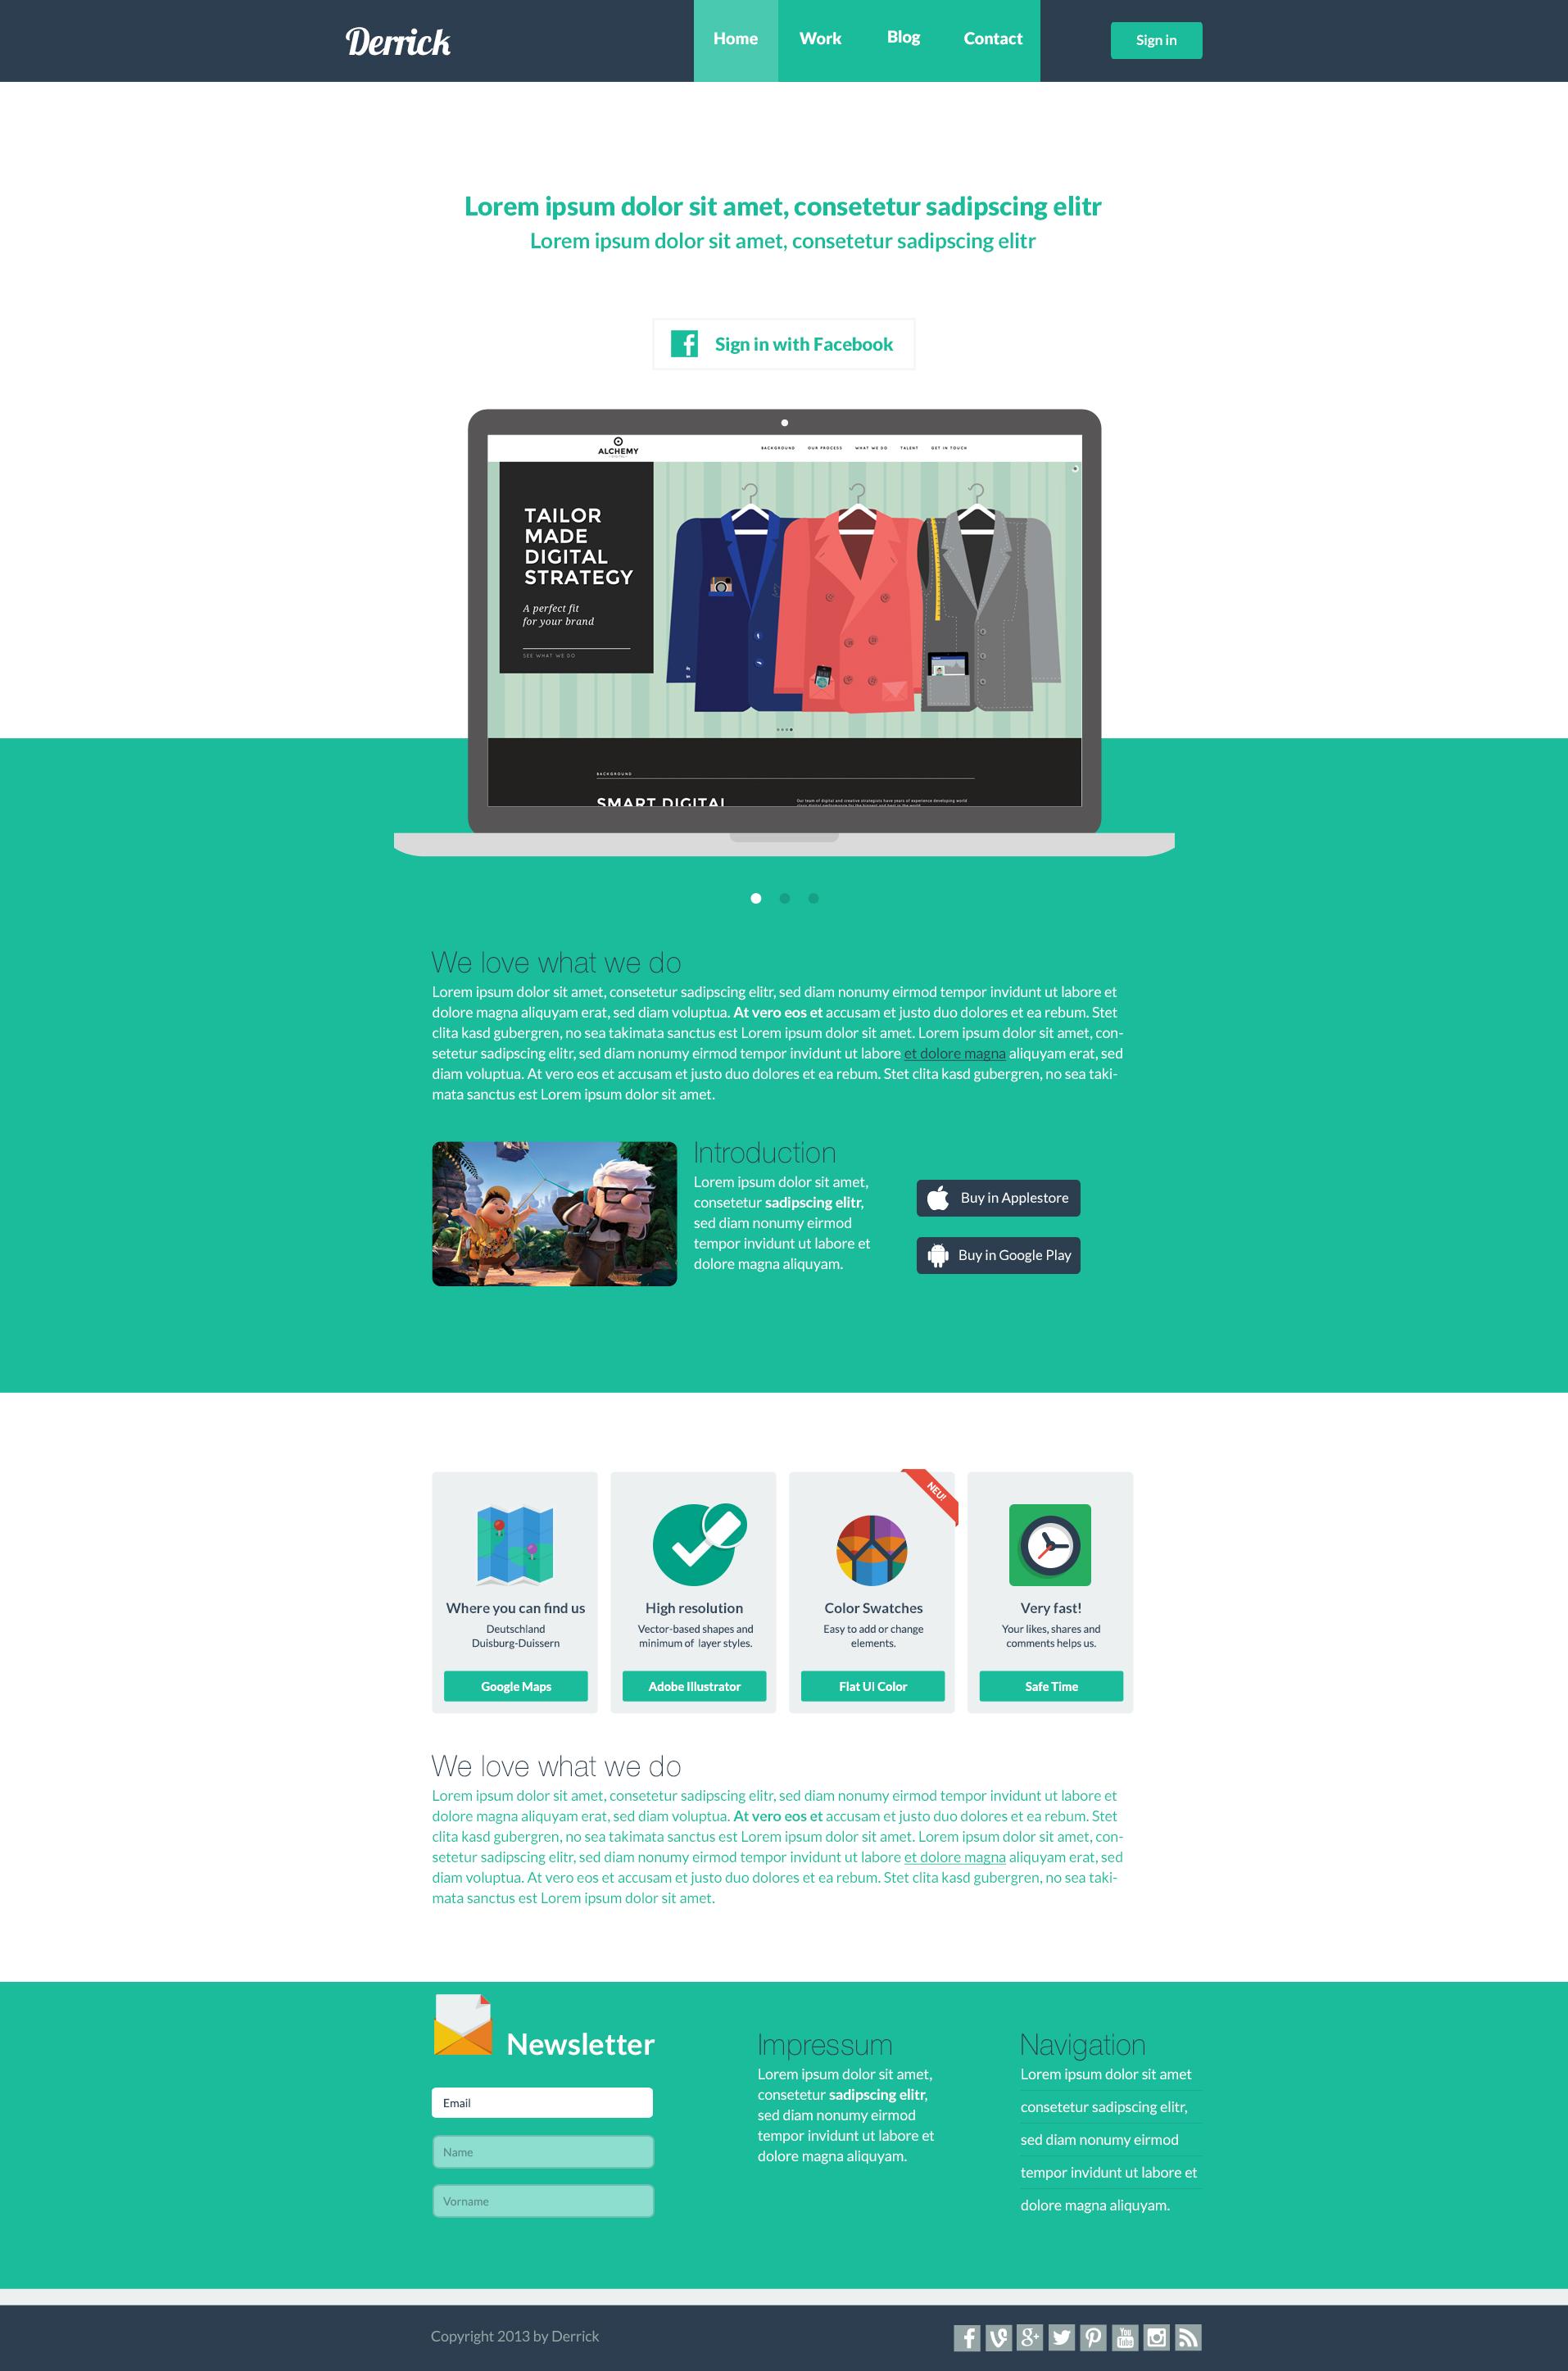 webdesign___flat_v002_by_freddidesign-d6ukcza.jpg